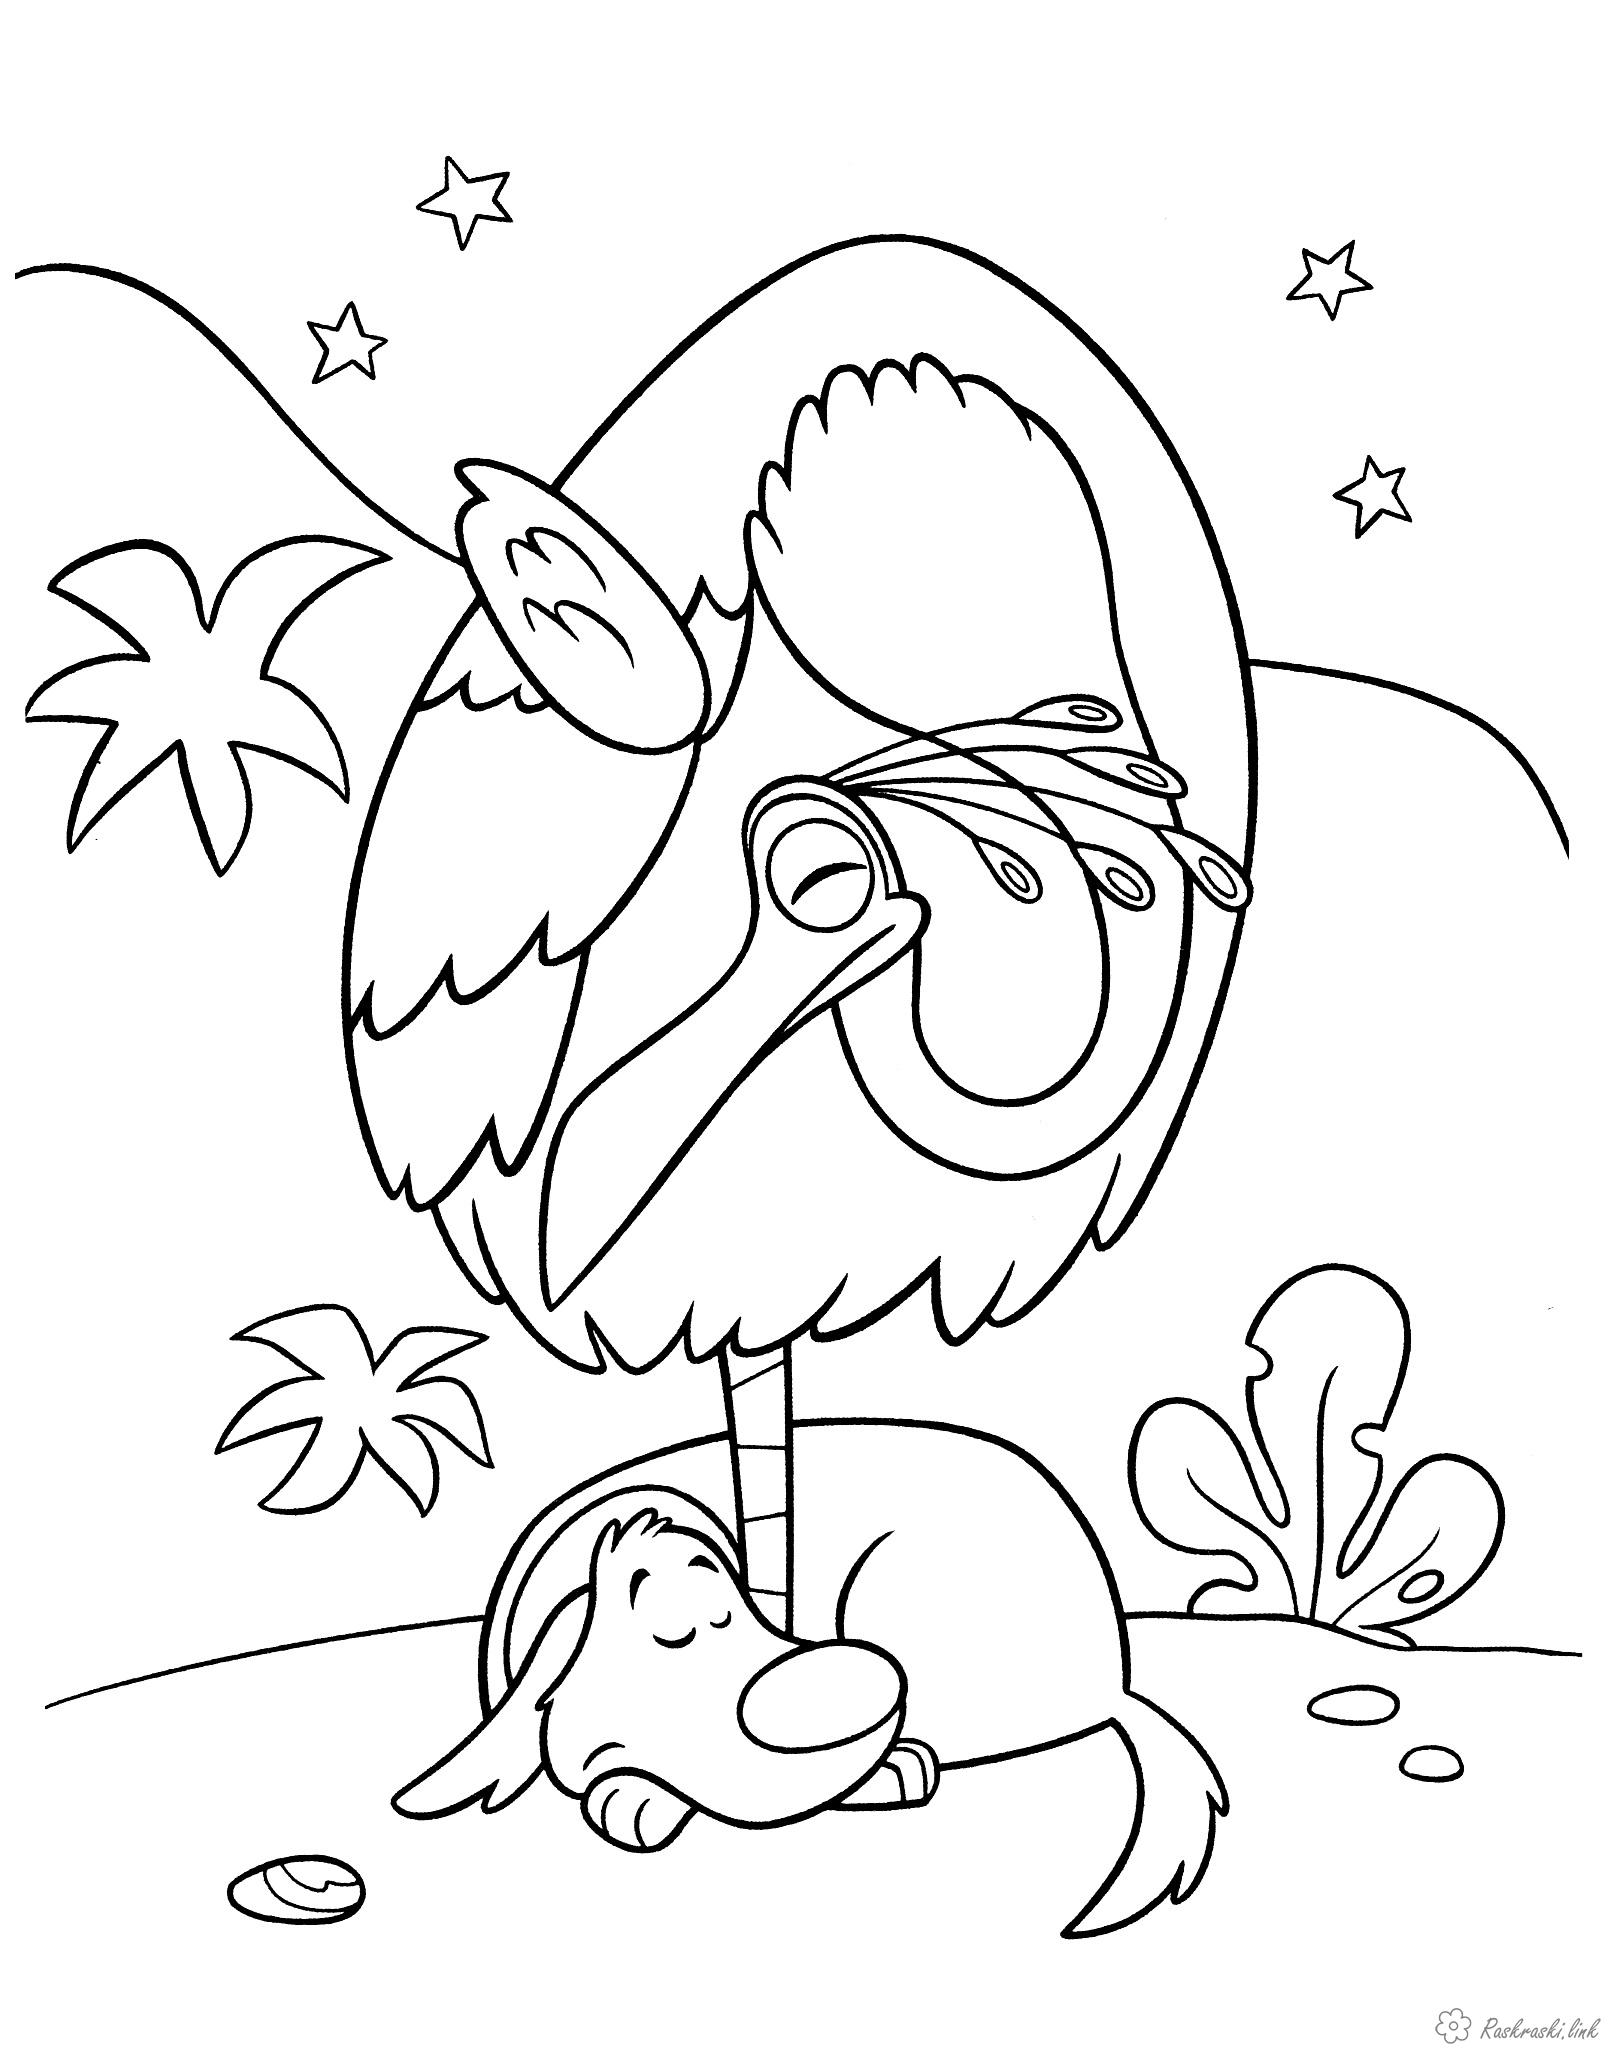 Собака спит обняв птицу за ногу, ночь, звезды, лес Скачать раскраски для мальчиков